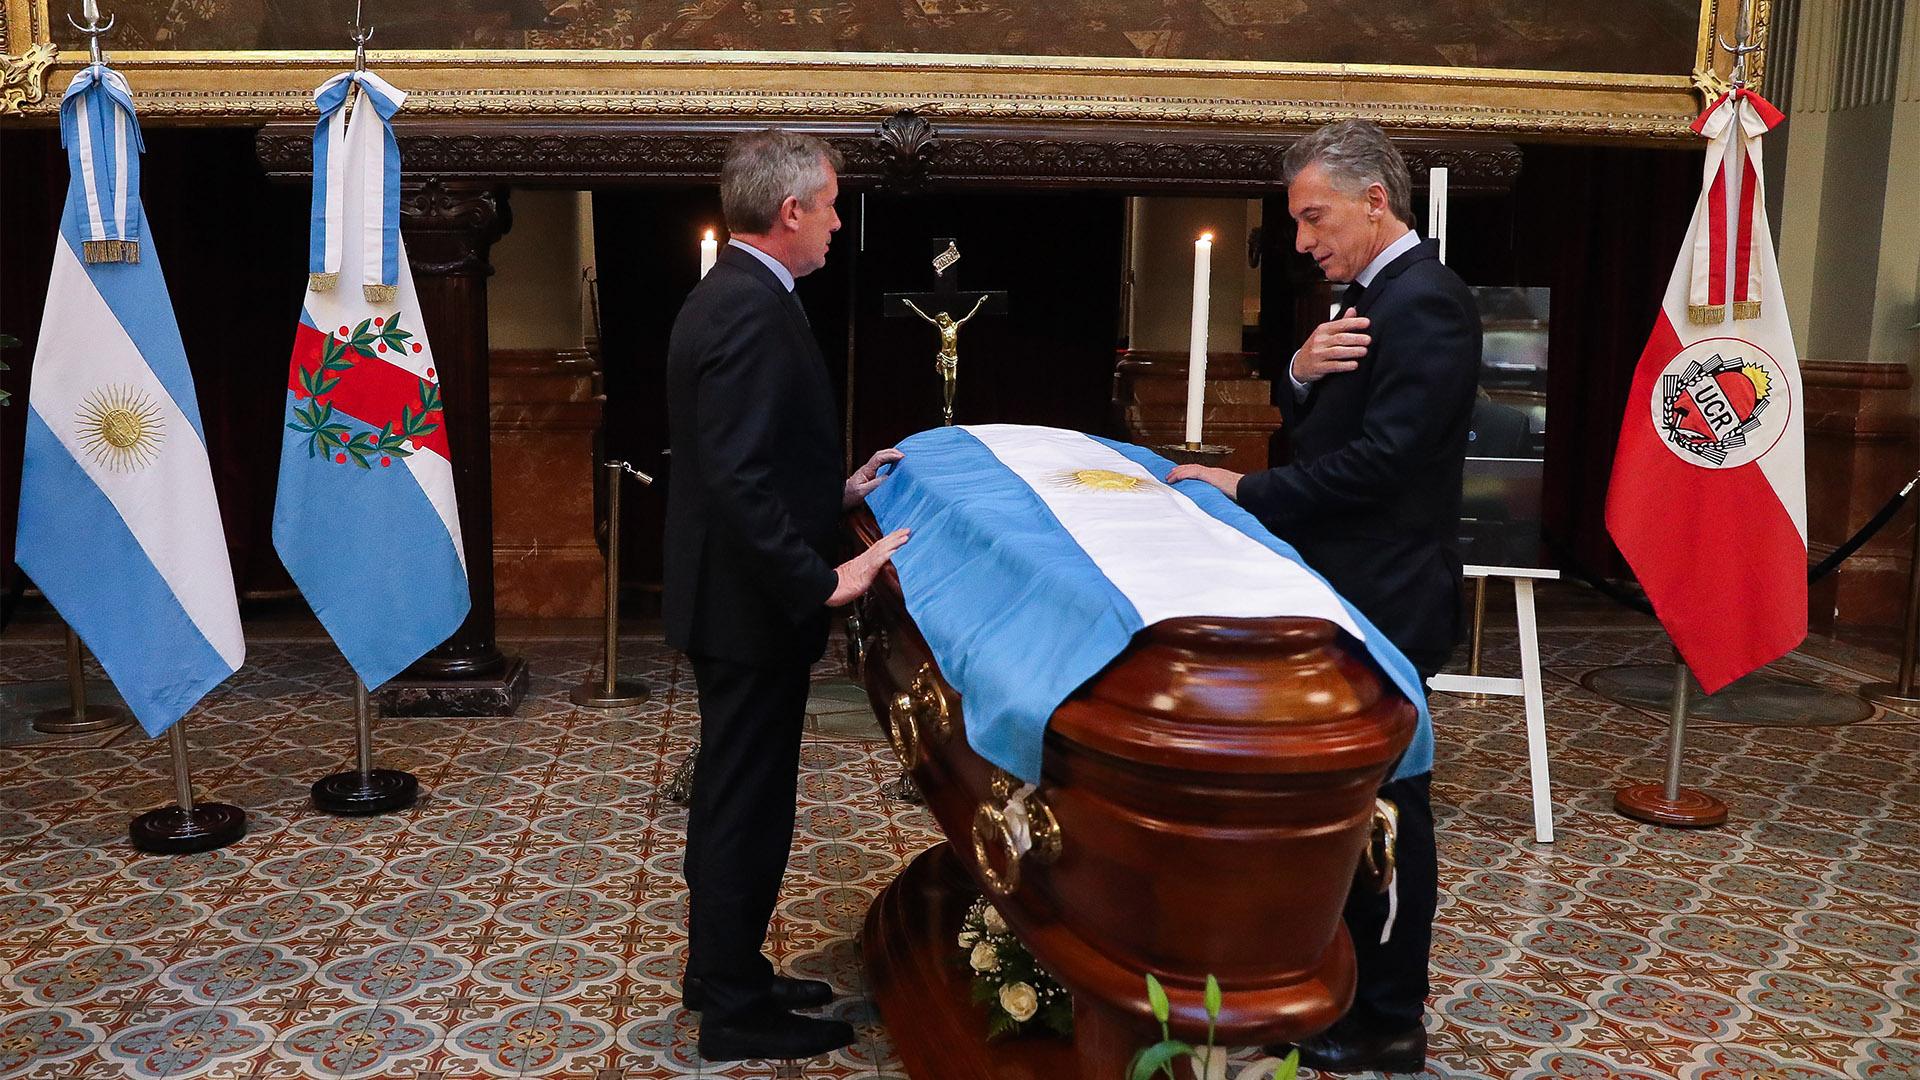 El presidente de la Nación, Mauricio Macri, despidió al diputado Olivares